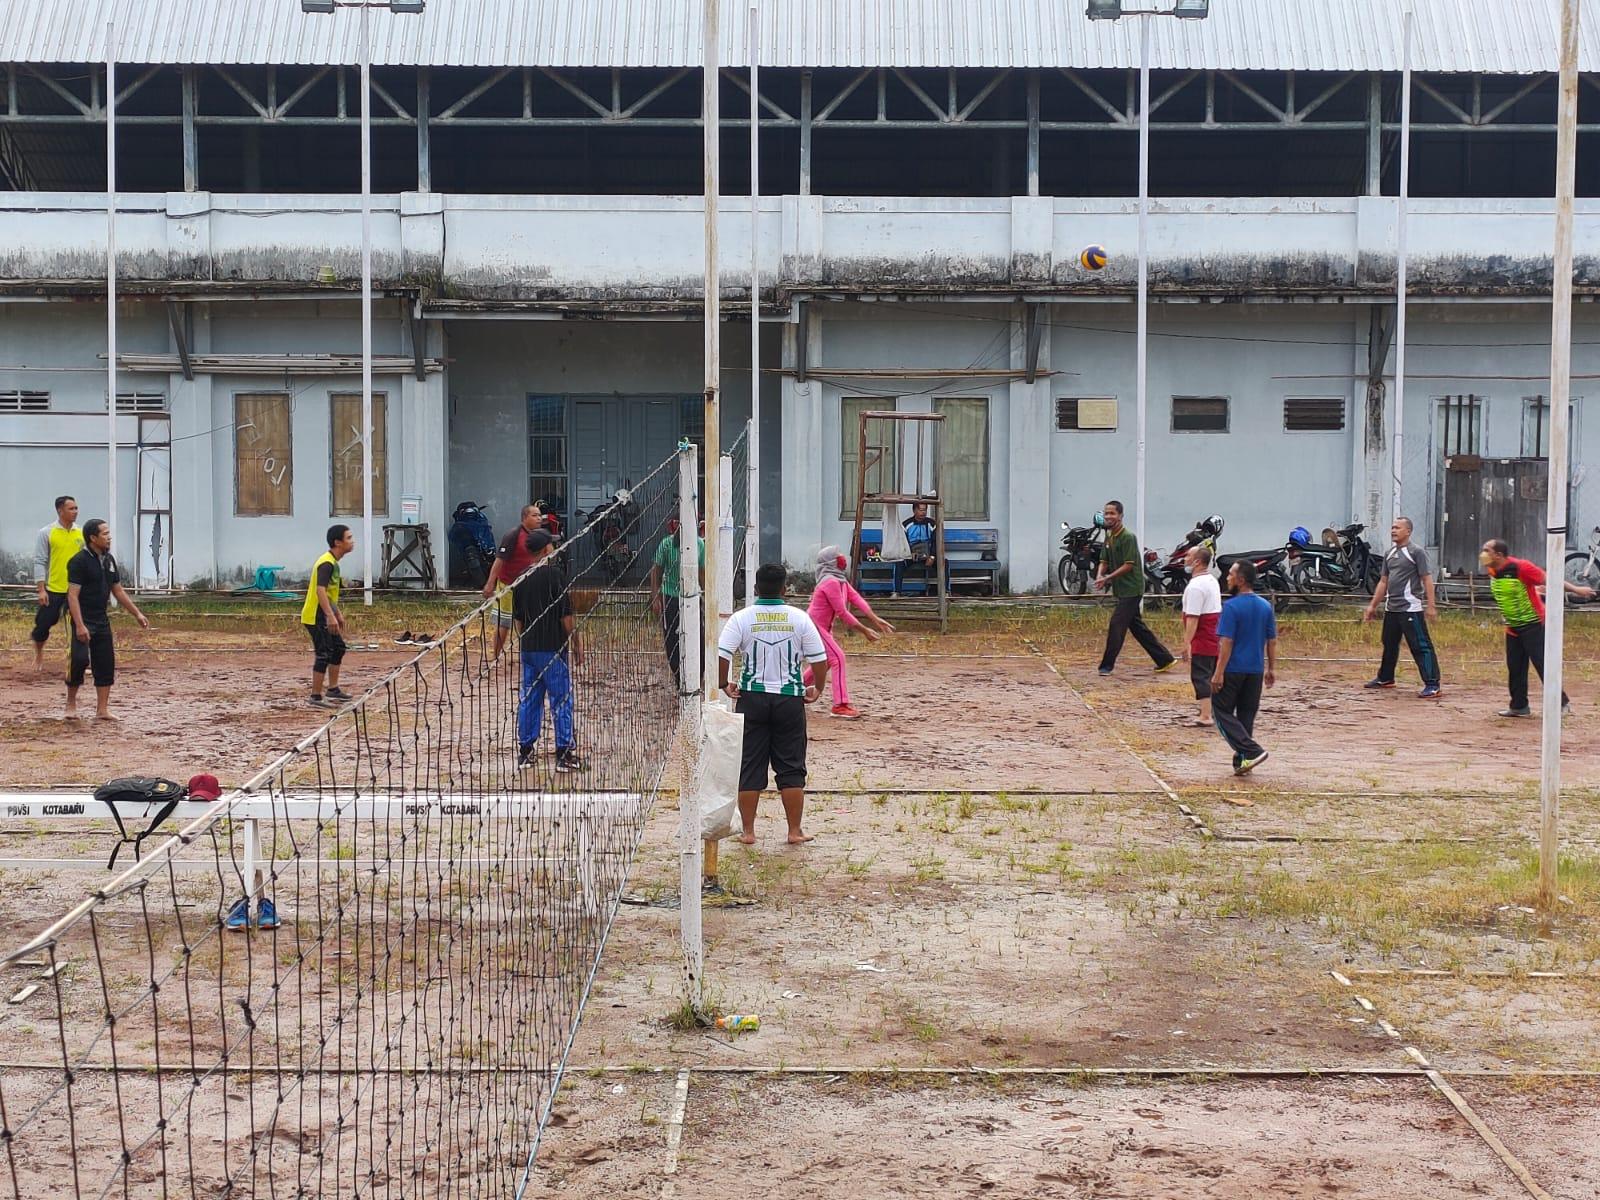 Satgas TMMD ke-112 melaksanakan olahraga bersama dengan Warga Sekitar